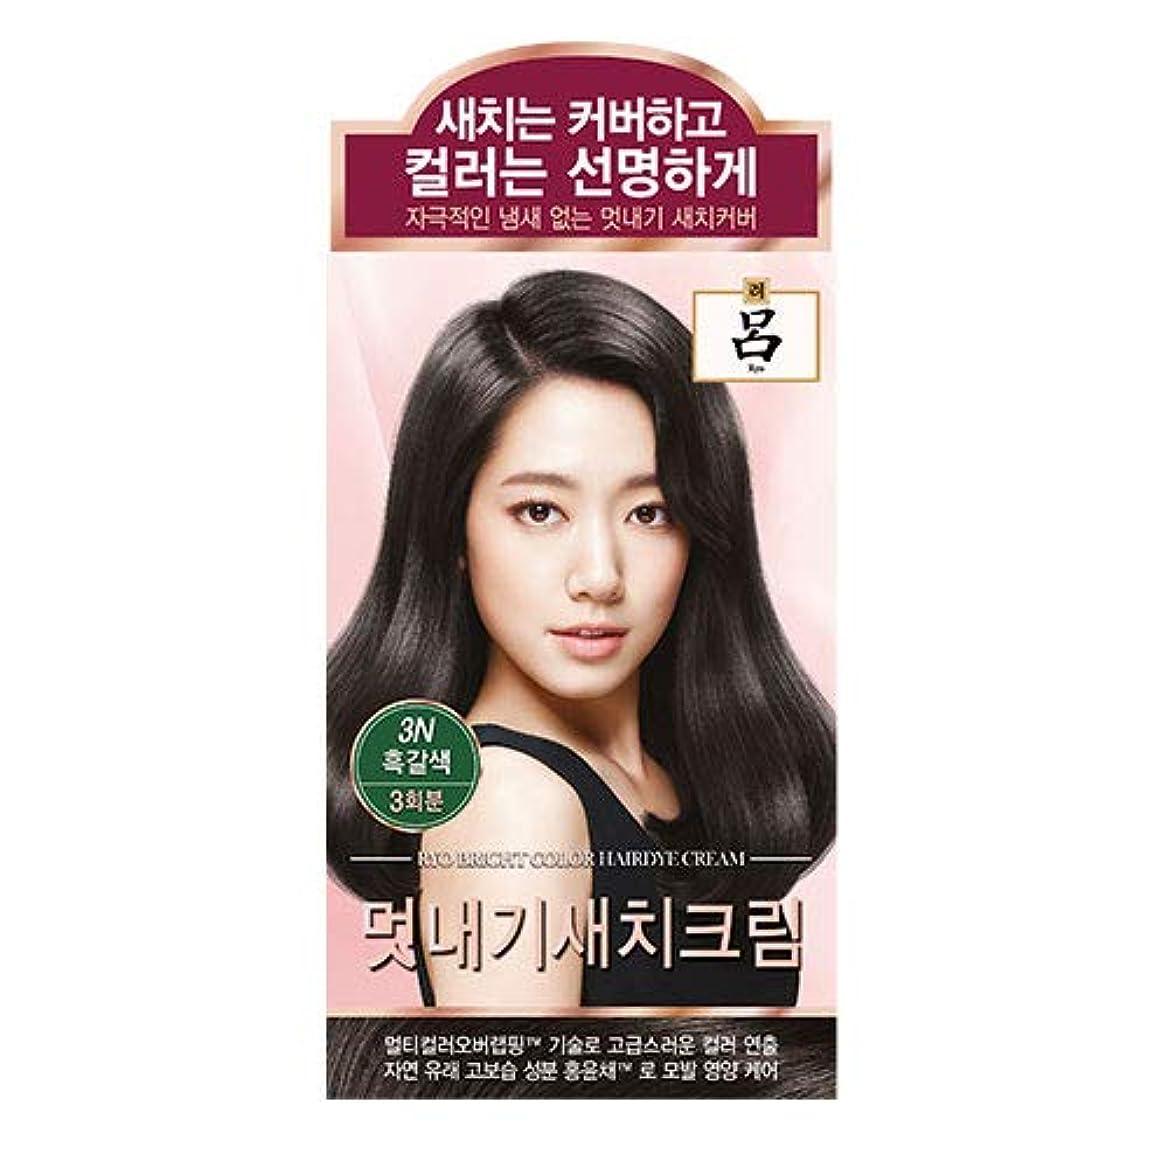 圧縮するアウター気配りのあるアモーレパシフィック呂[AMOREPACIFIC/Ryo] ブライトカラーヘアアイクリーム 3N ダークブラウン/Bright Color Hairdye Cream 3N Dark Brown